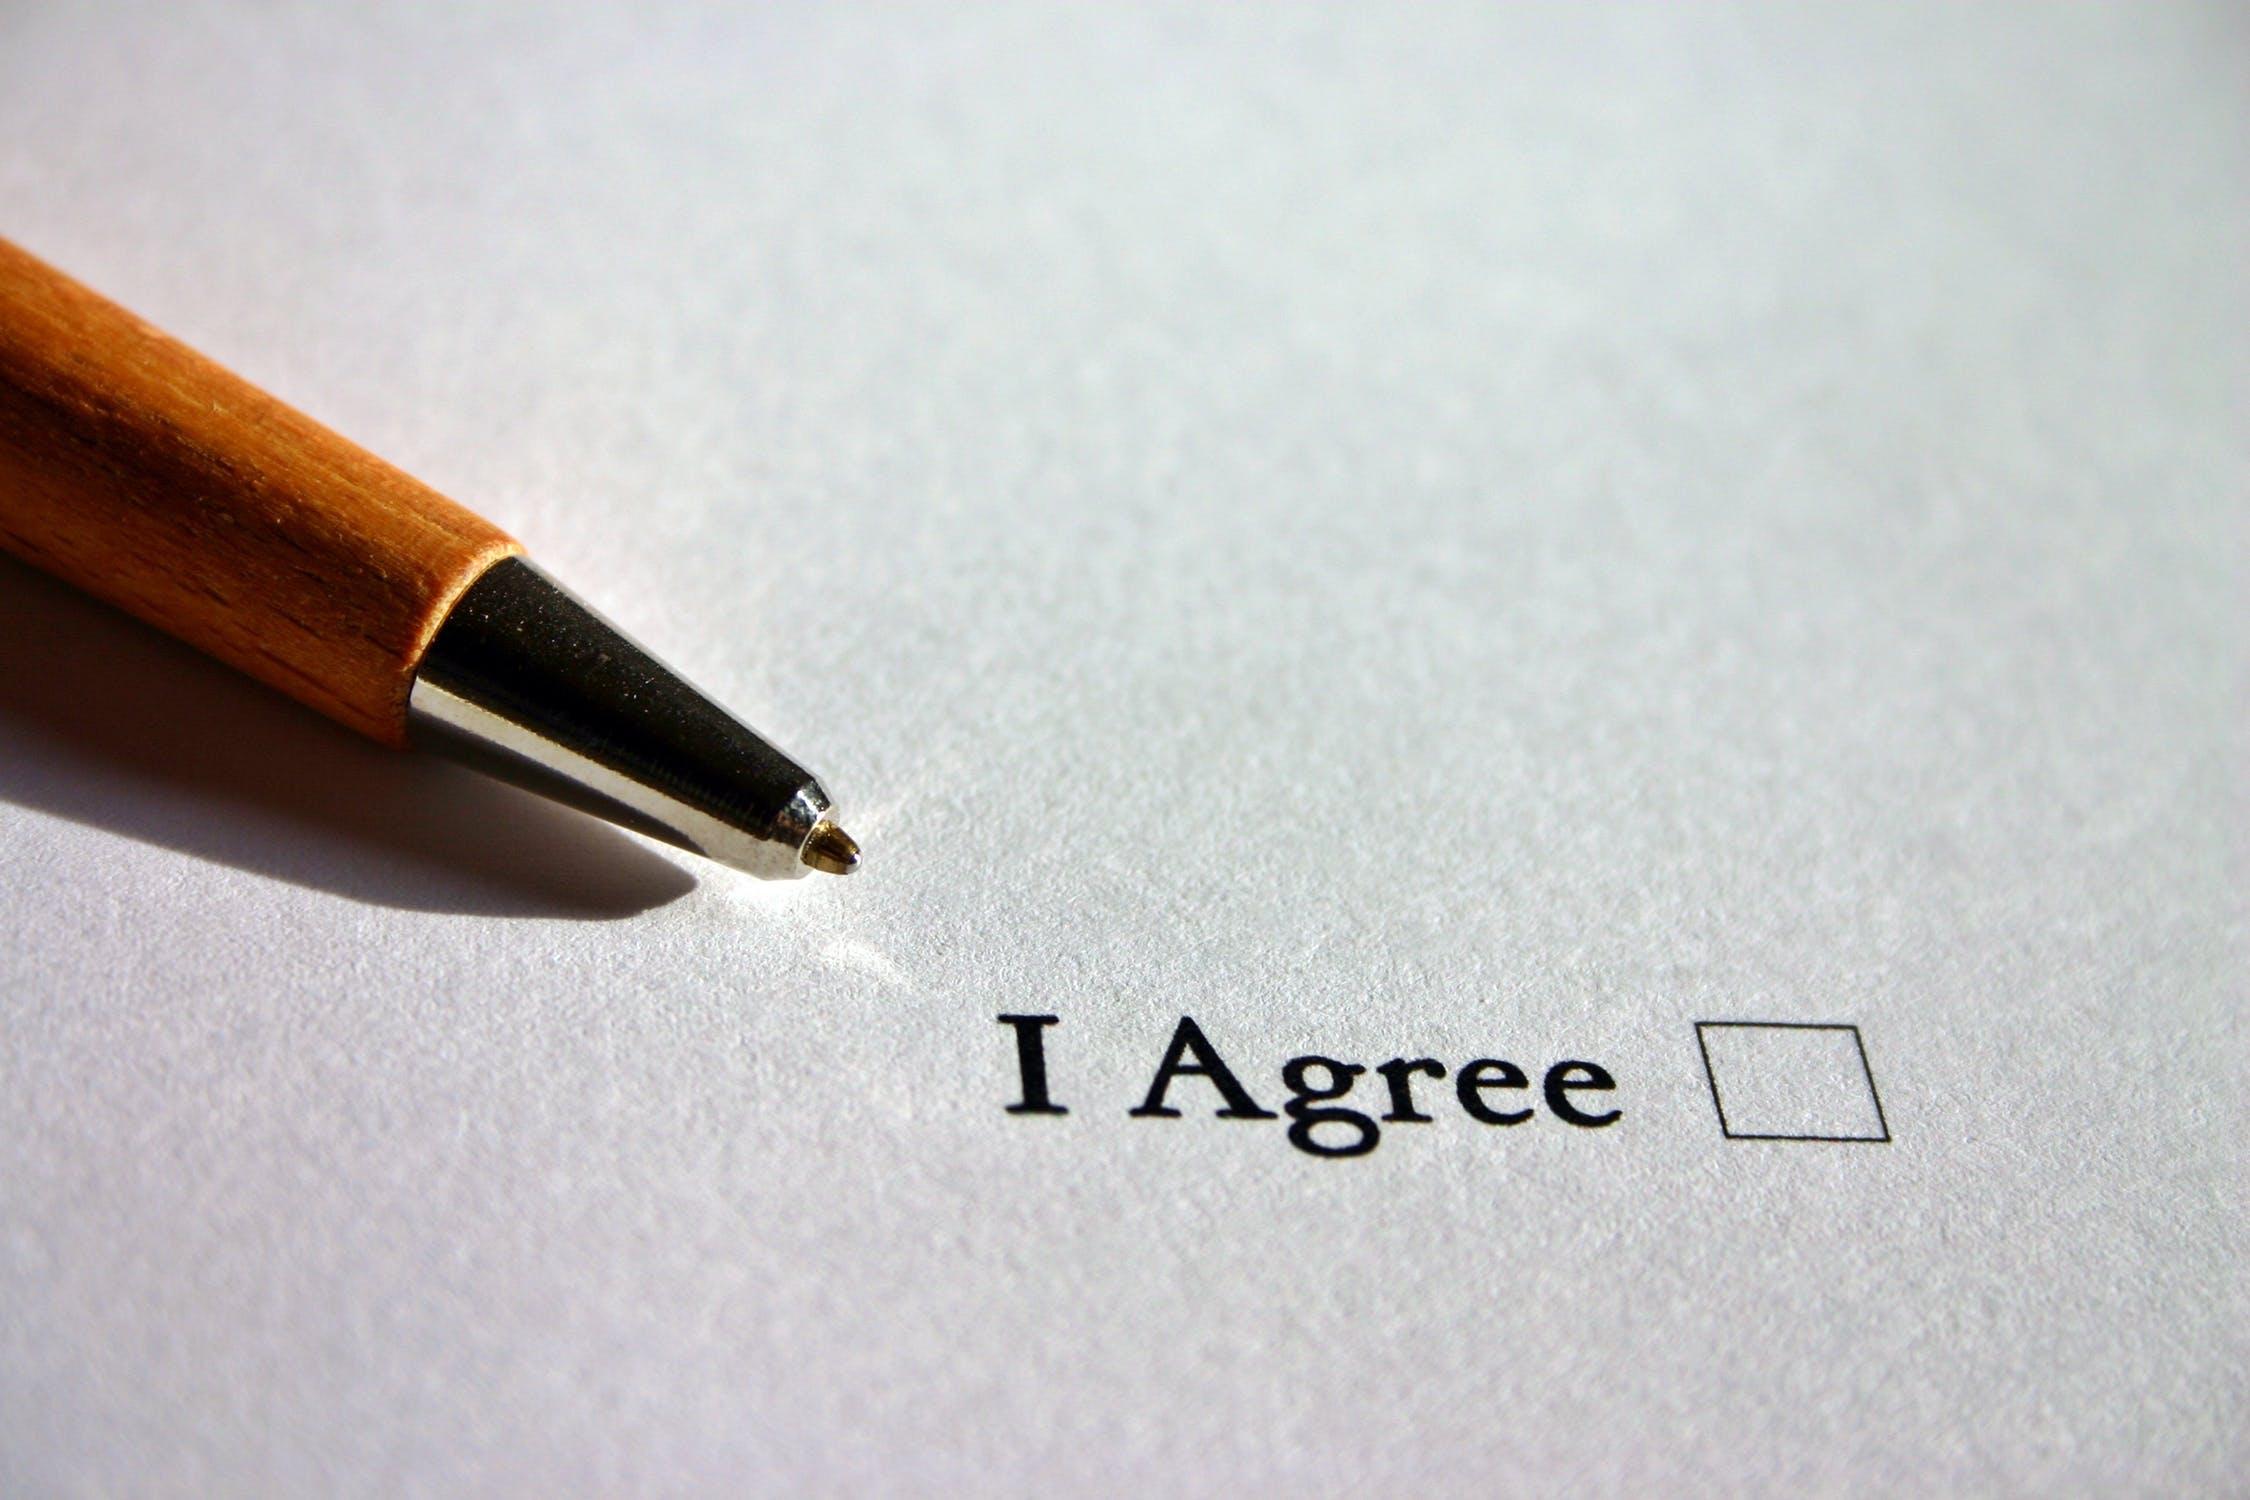 Bild mit einem Stift auf einem weißem Papier mit einer Box zum ankreuzen